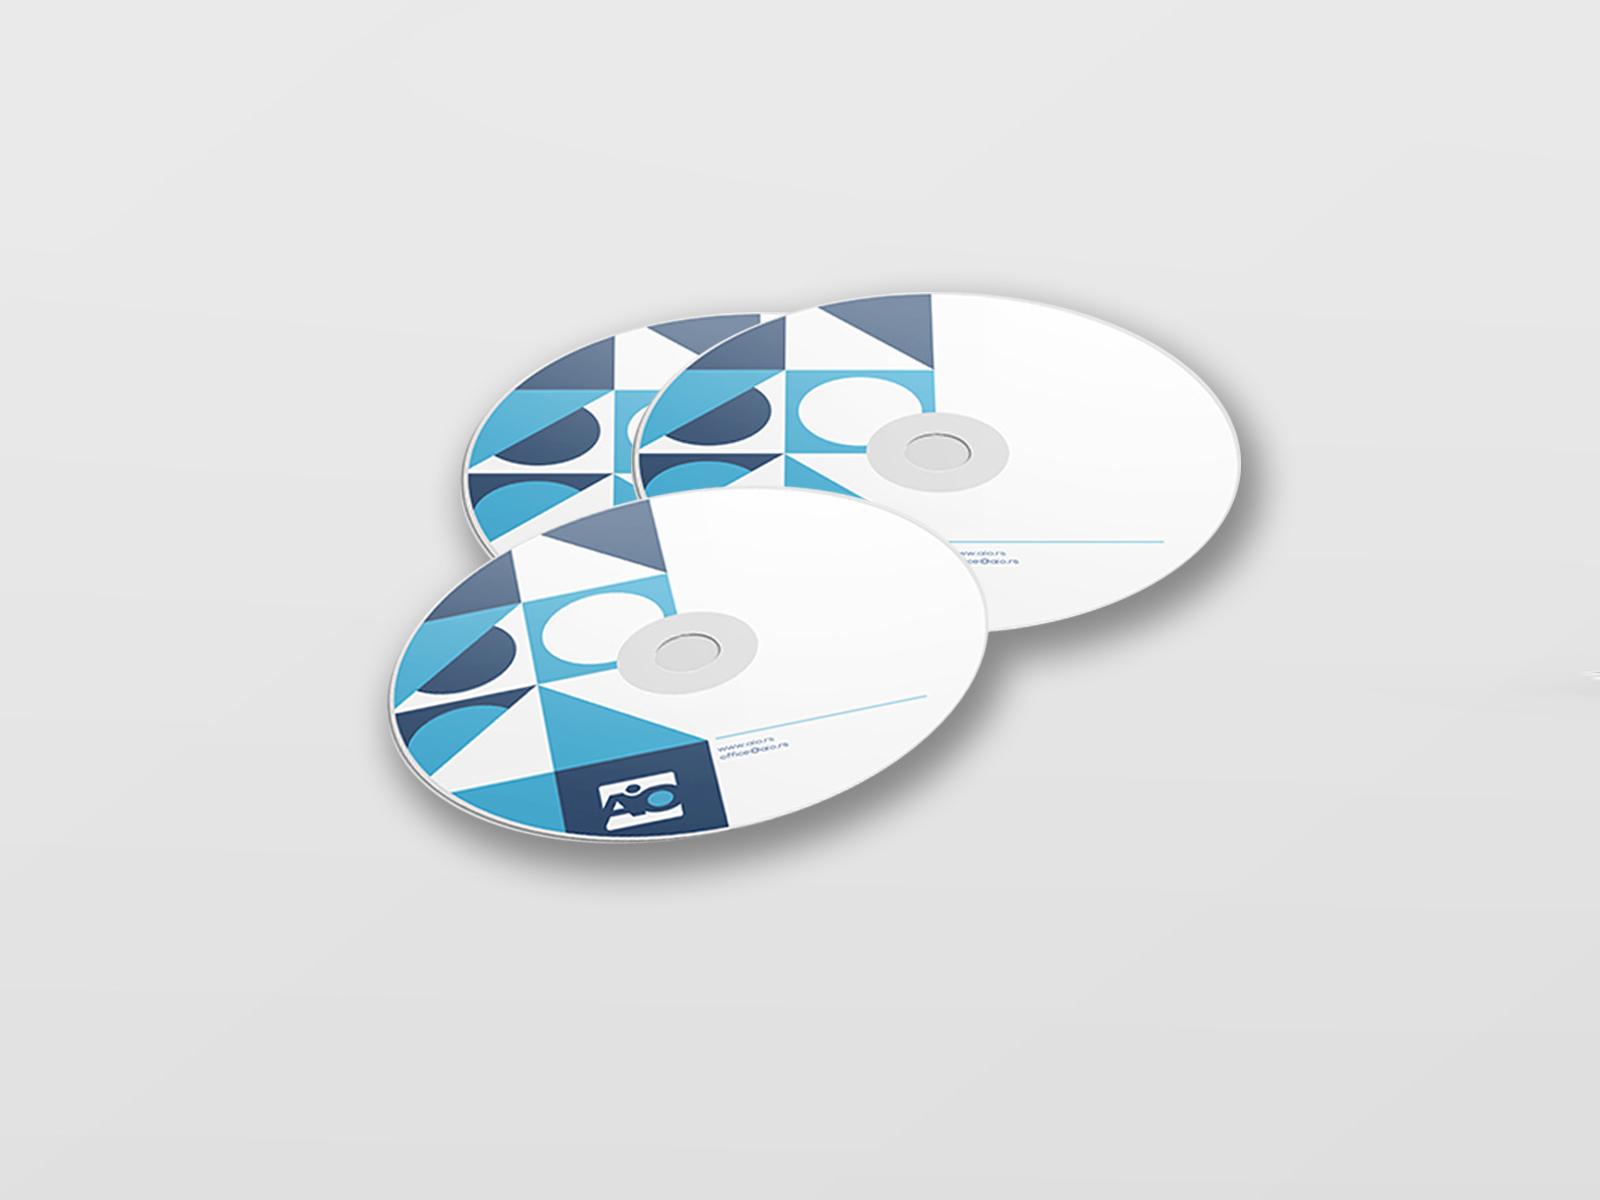 Štampa na diskovima